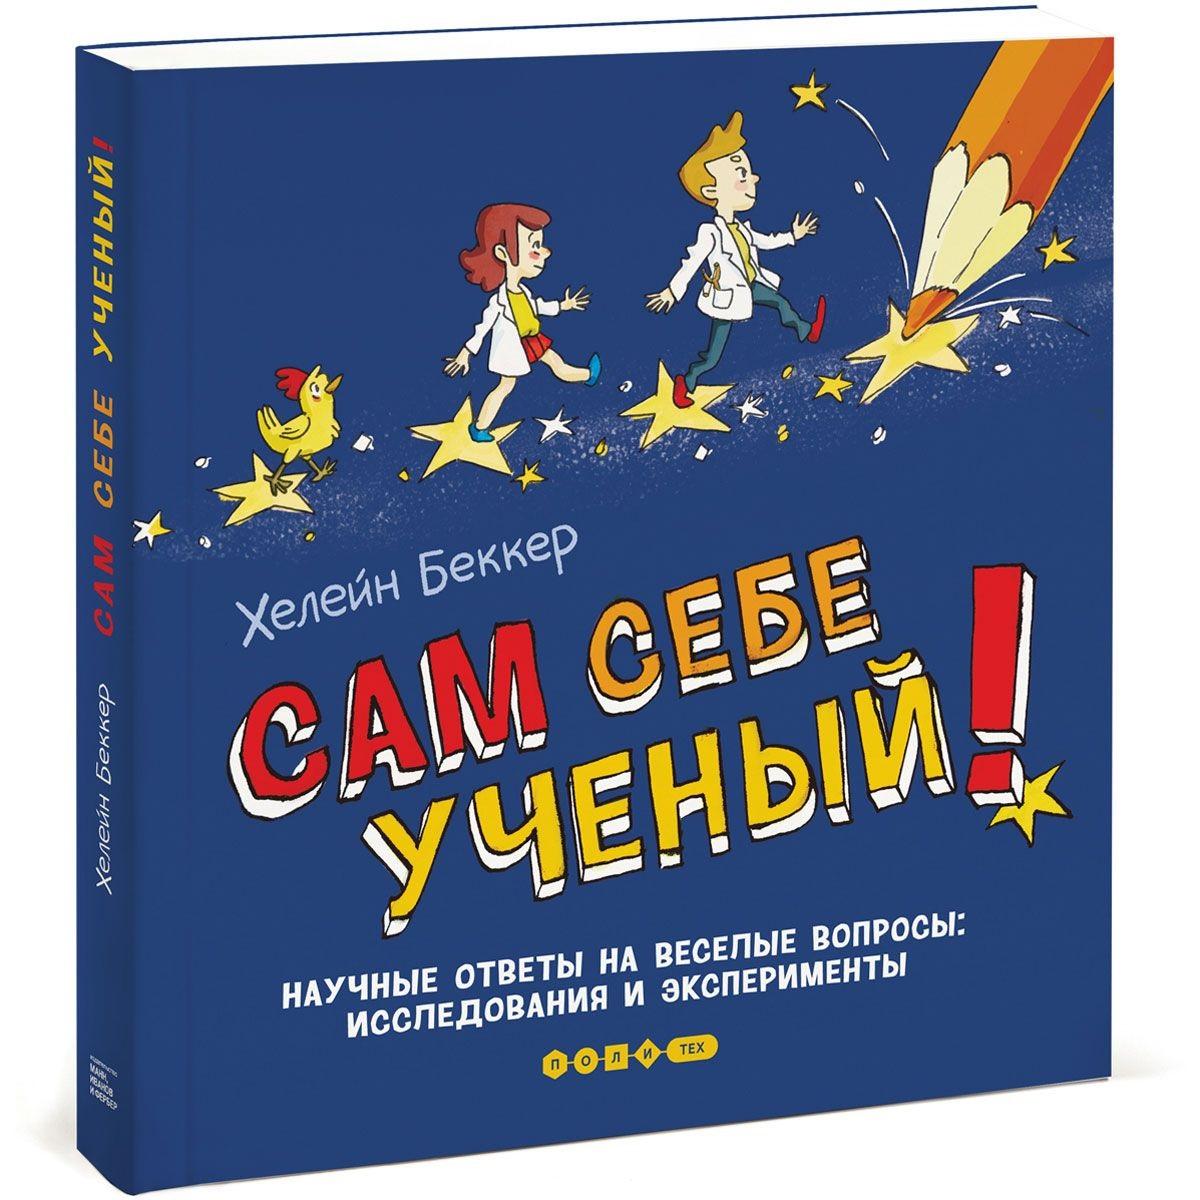 Купить Сам себе ученый! Научные ответы на веселые вопросы. Исследования и эксперименты, Хелейн Беккер, 978-5-00057-365-5, 978-5-00057-814-8, 978-5-00100-598-8